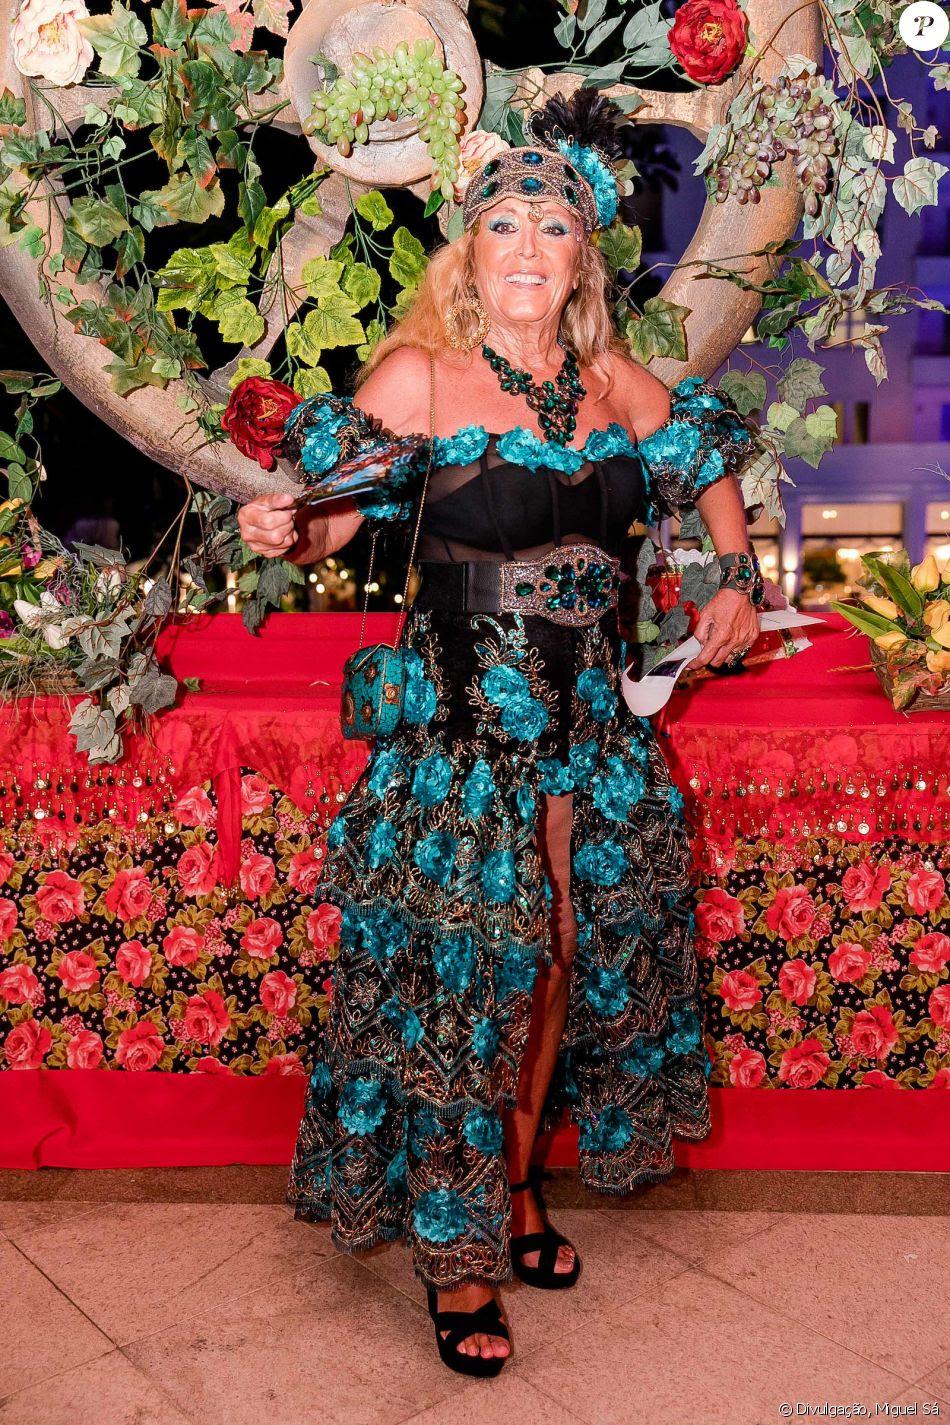 A condessa italiana Giovanna Deodato no Baile do Copa, realizado no hotel Belmond Copacabana Palace, na Zona Sul do Rio de Janeiro, neste sábado, 10 de fevereiro de 2018